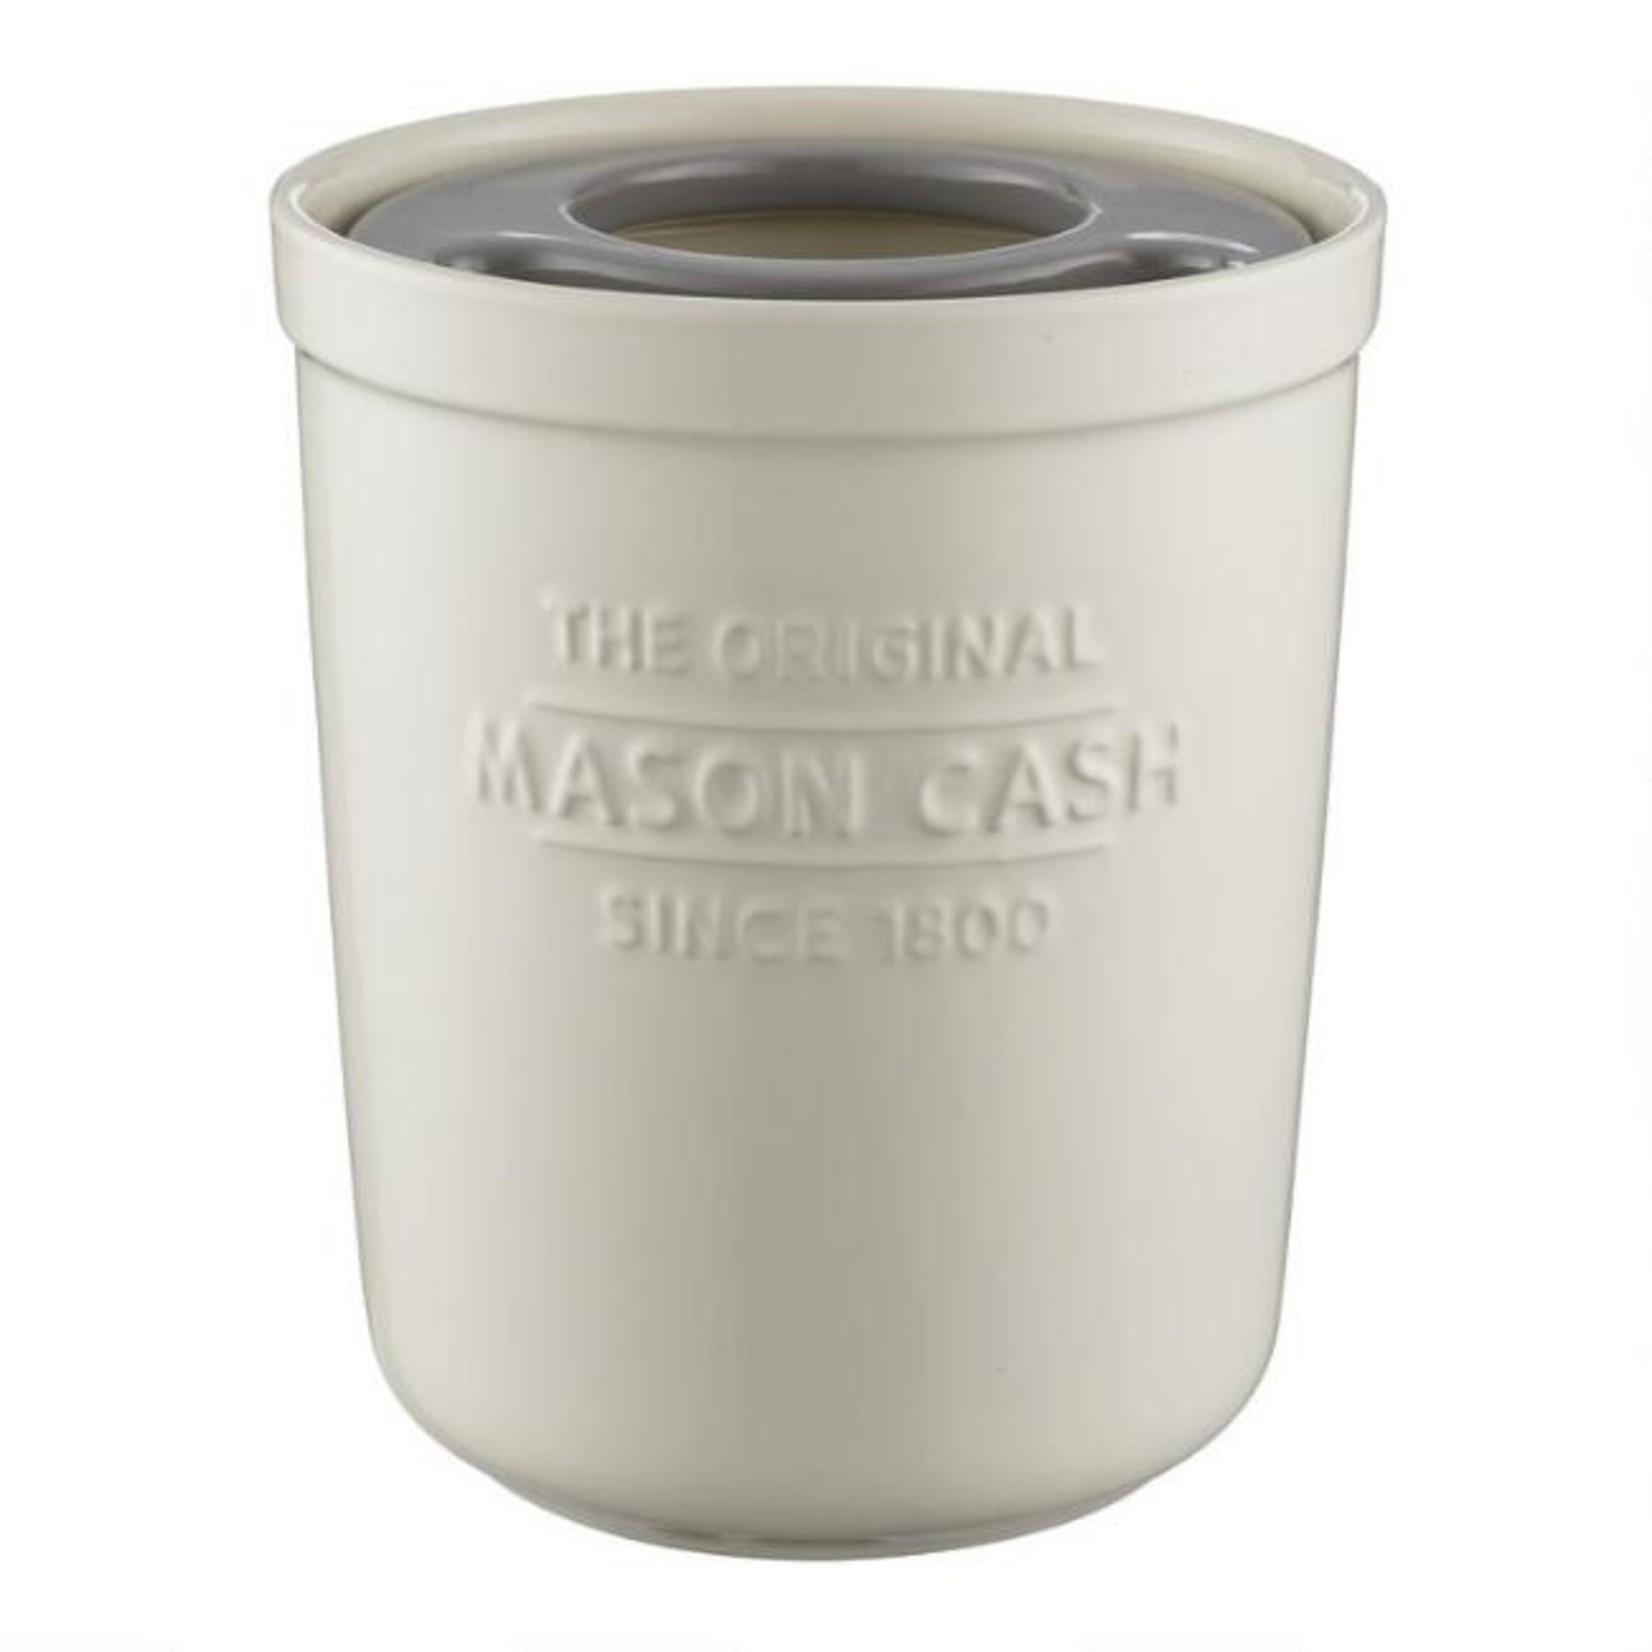 Mason Cash Innovative Kitchen Utensil Pot